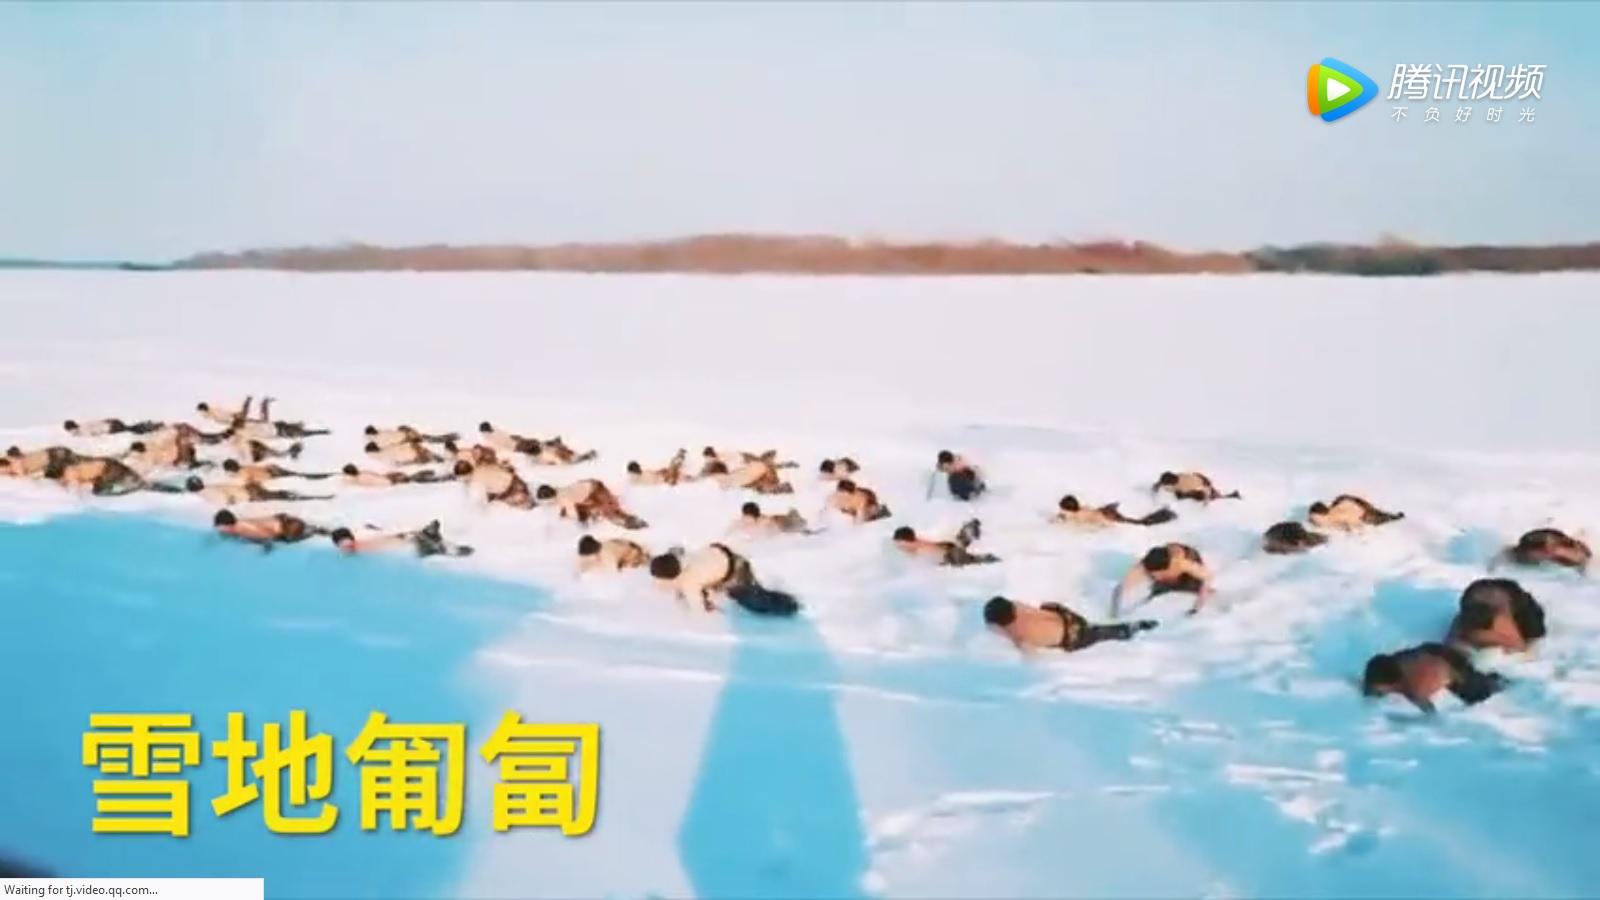 Lính TQ cởi trần, lăn lê trên tuyết giữa trời âm 20 độ - 1